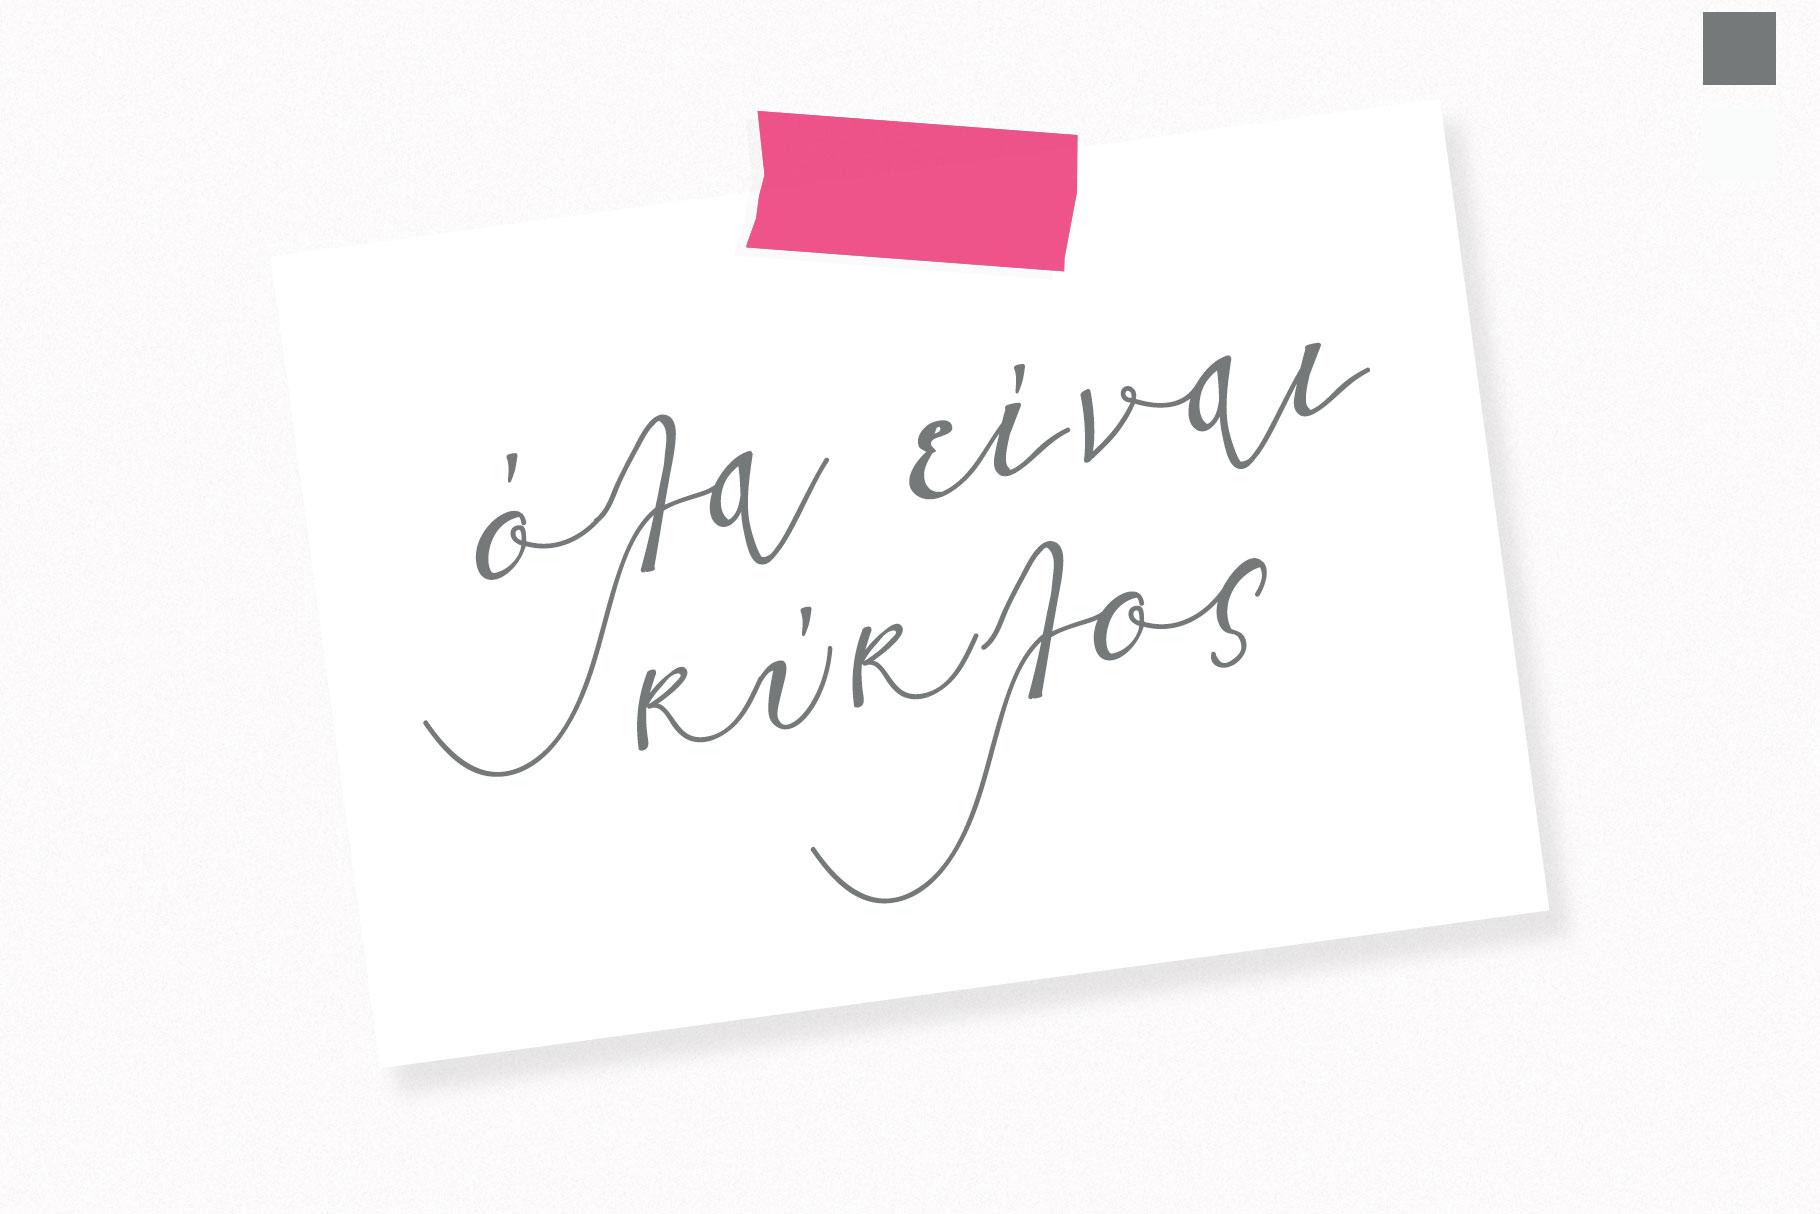 Script font calligraphy marilia ·